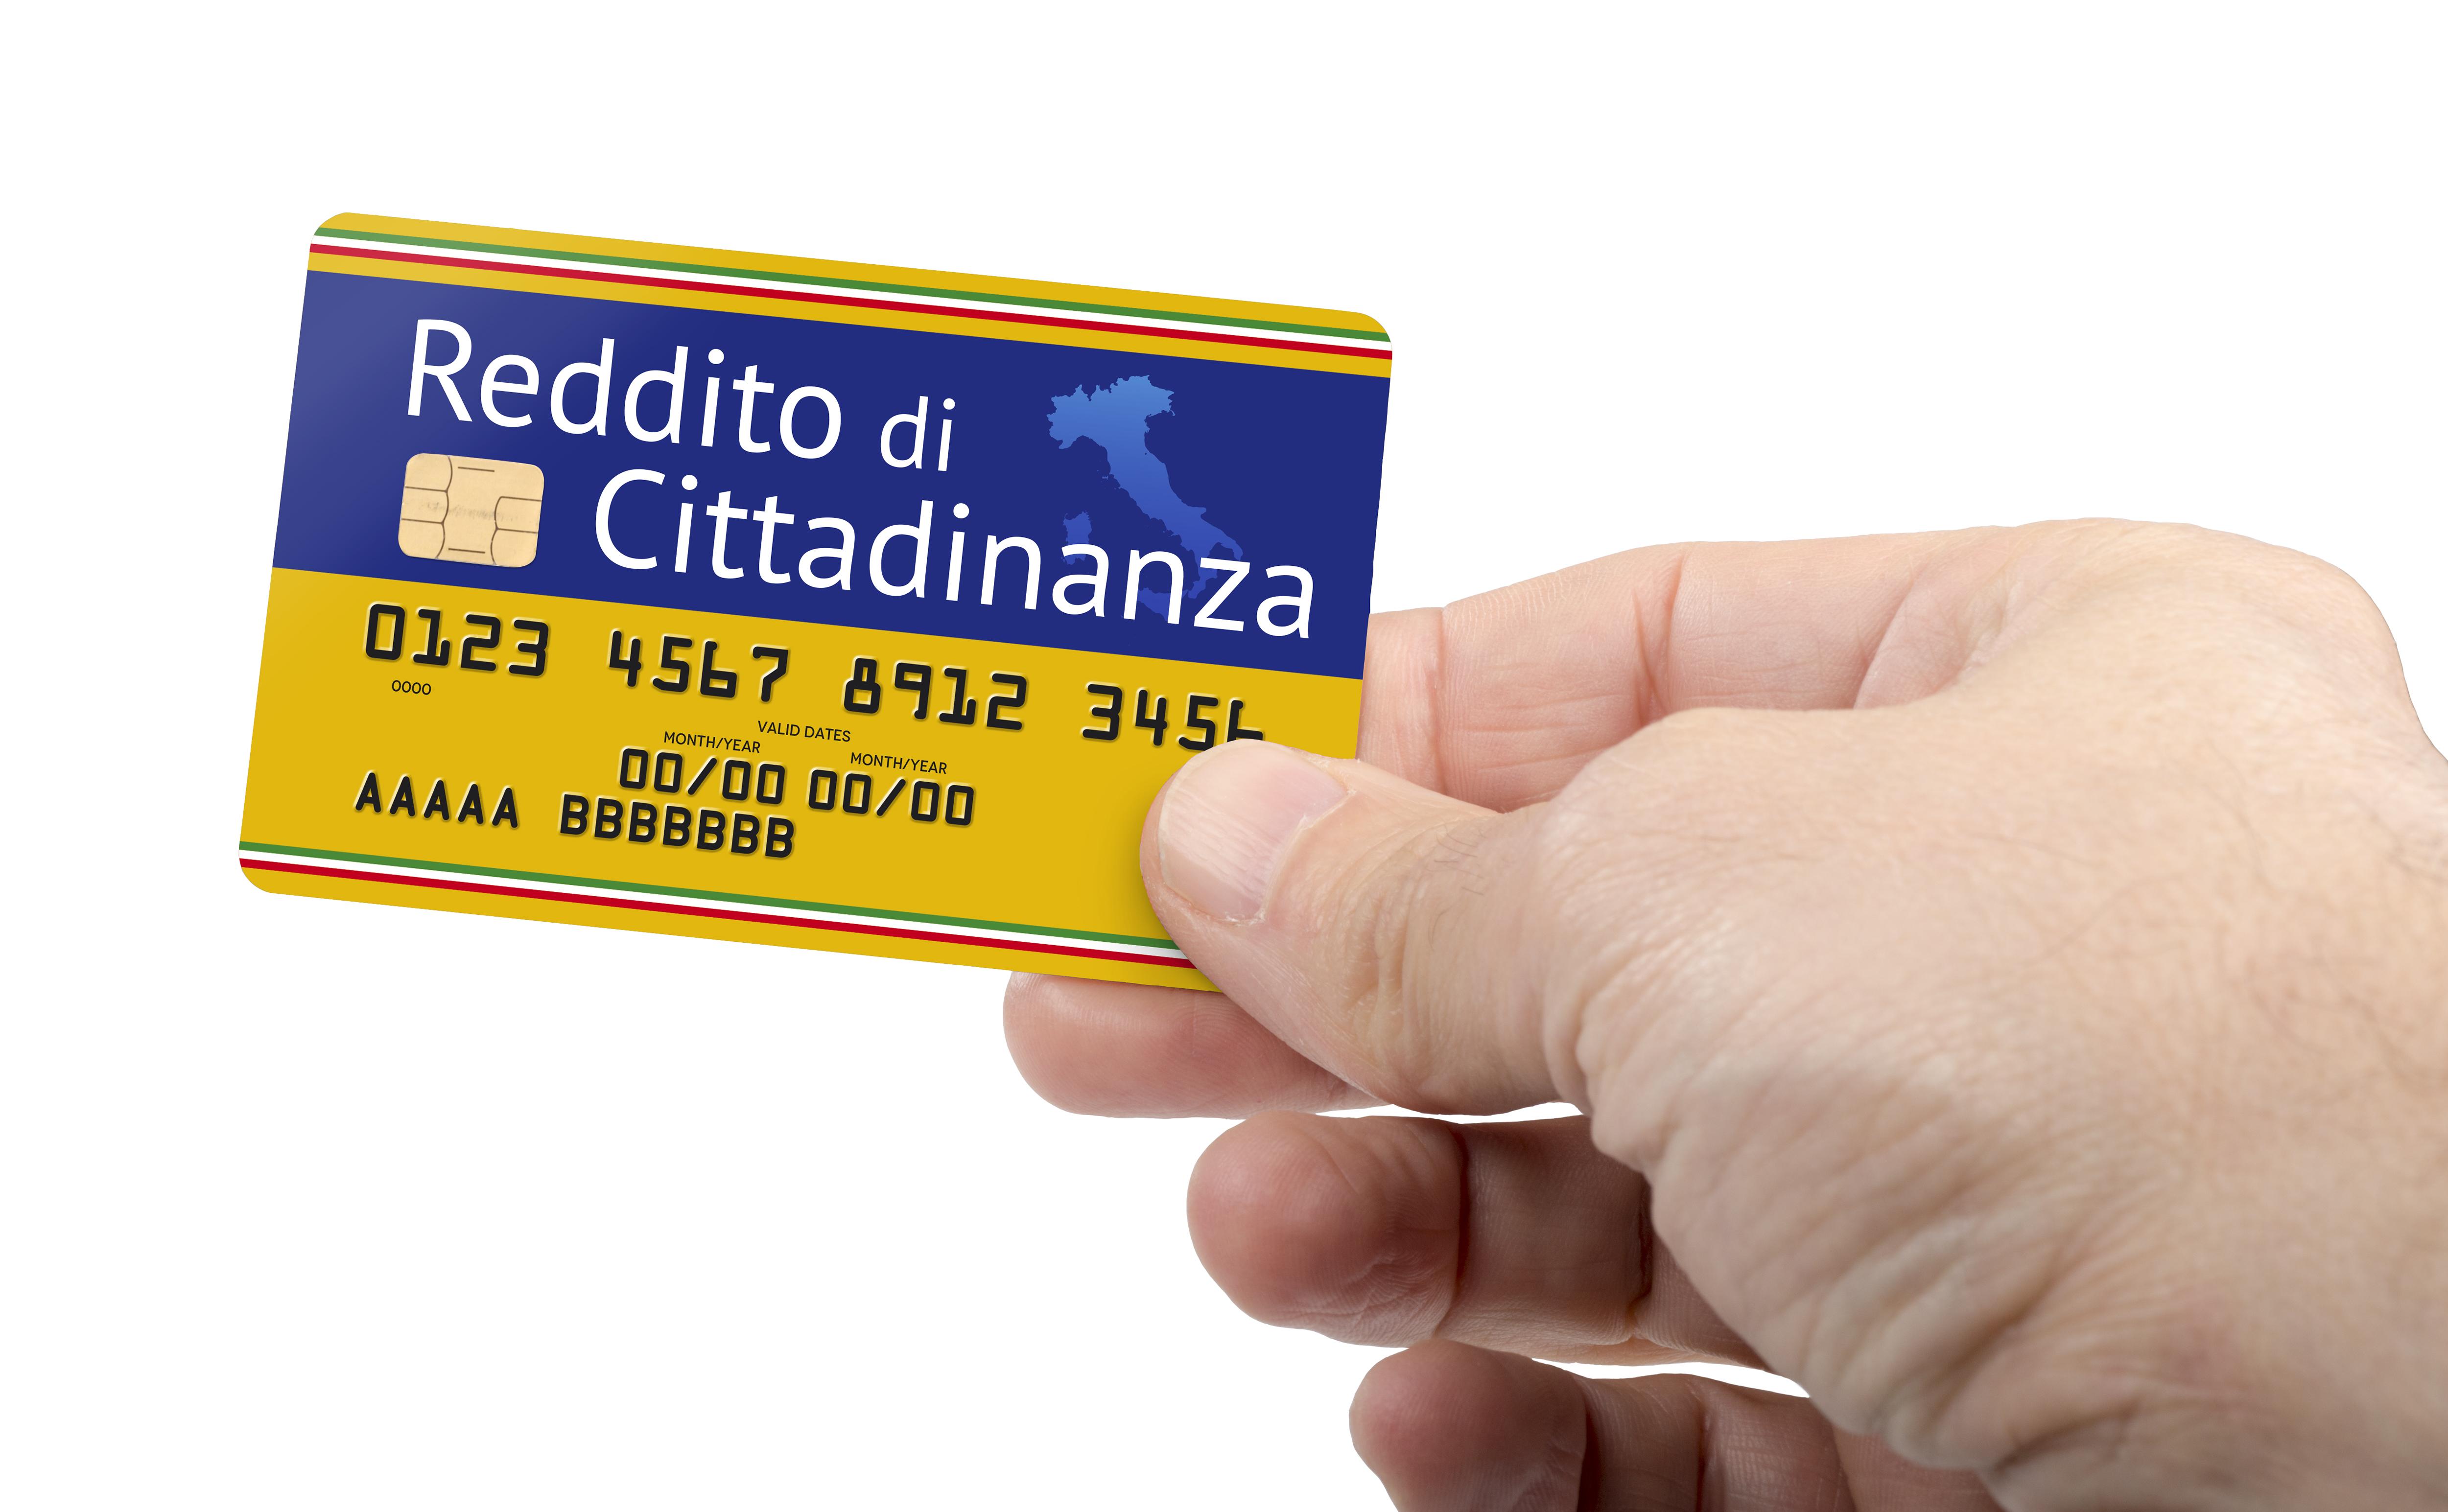 Reddito di cittadinanza : requisiti all'accesso e verifiche del nucleo familiare